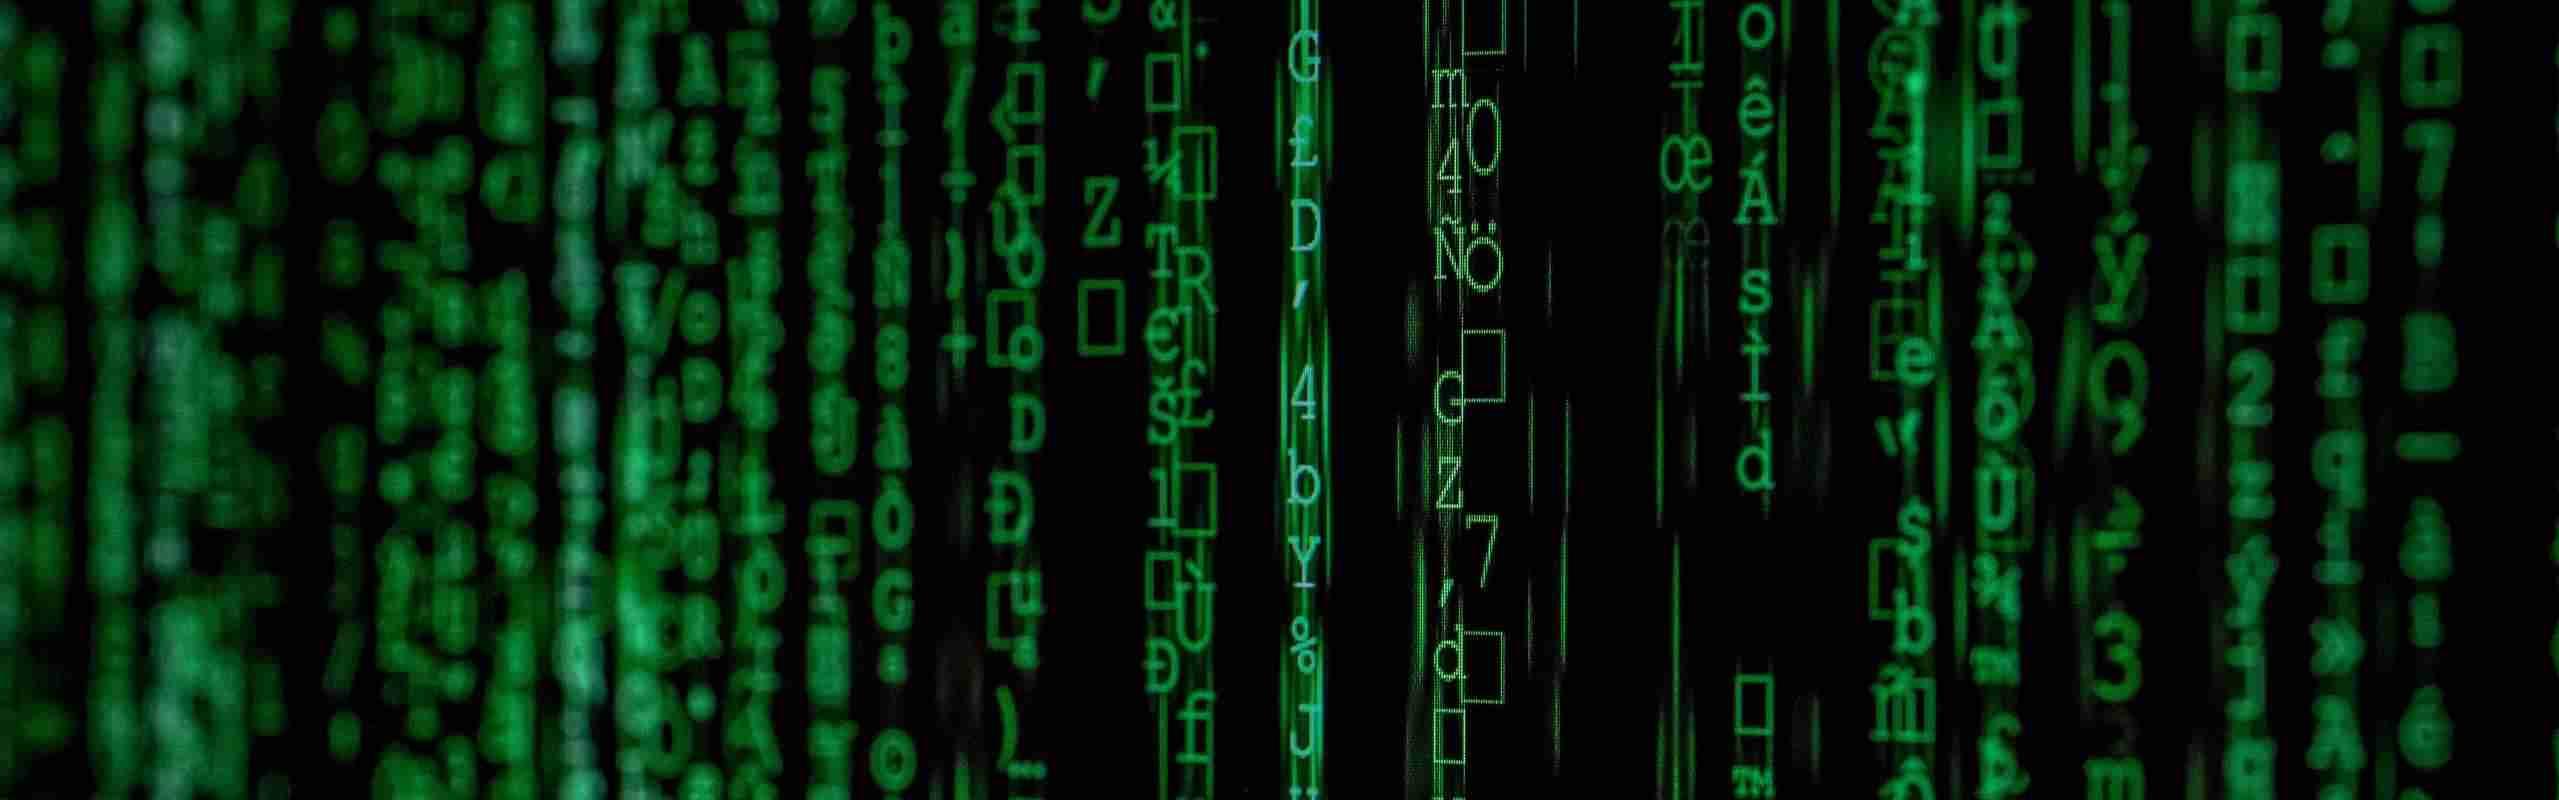 Conoce los seis principios de la ética hacker